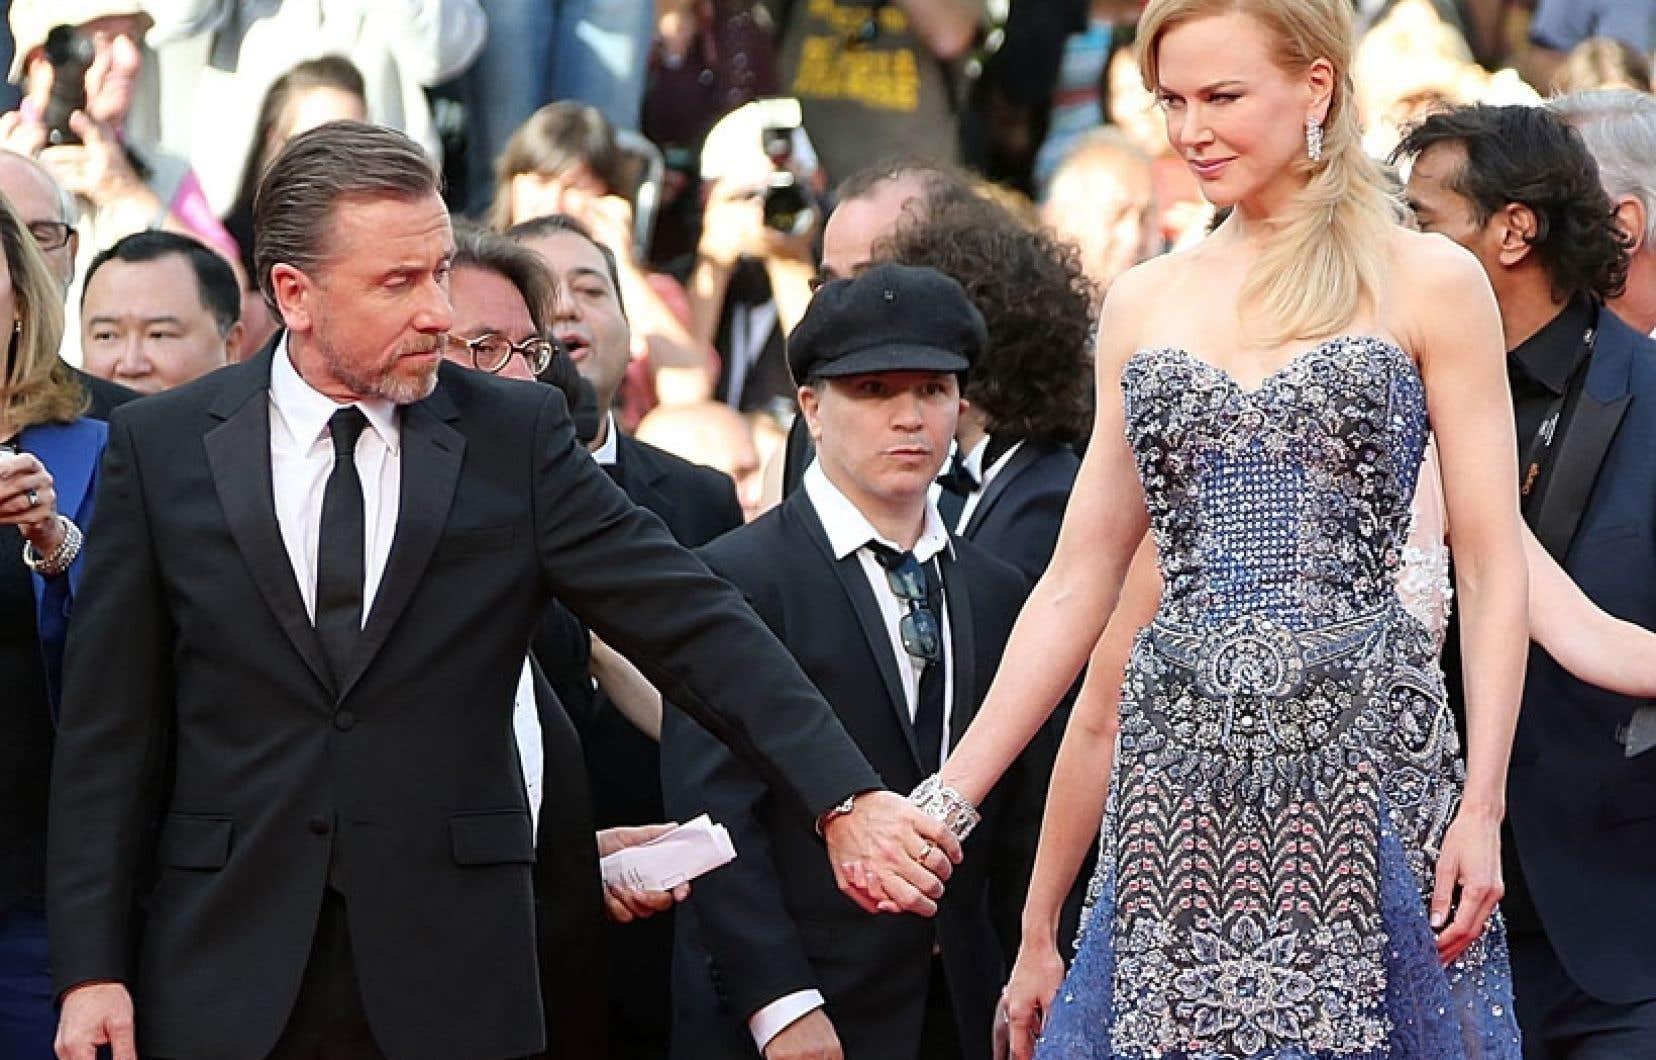 Tim Roth et Nicole Kidman, qui incarnent le couple princier dans Grace de Monaco, au moment où il faisaient leur entrée à la cérémonie d'ouverture du 67e Festival de Cannes.